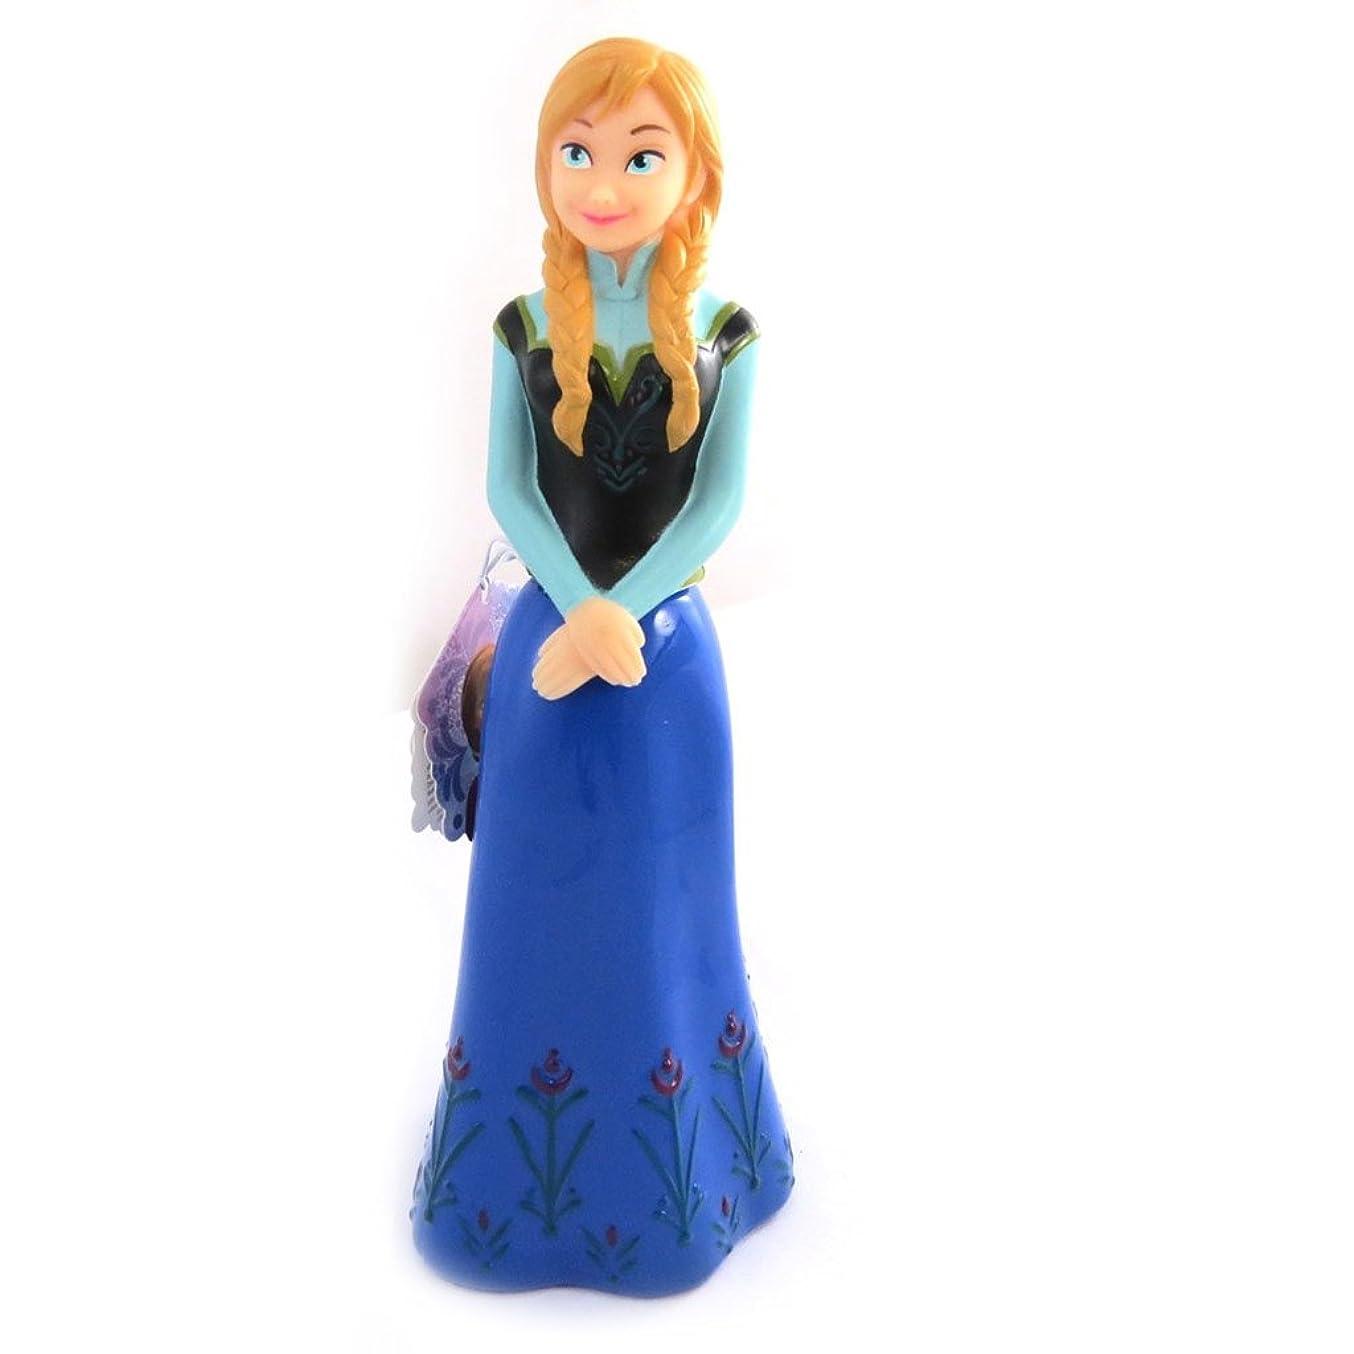 レパートリー然とした症状[雪の女王 (Reine des Neiges)] (Frozen - Reine des Neiges コレクション) [M2698] ボディソープ ブルー